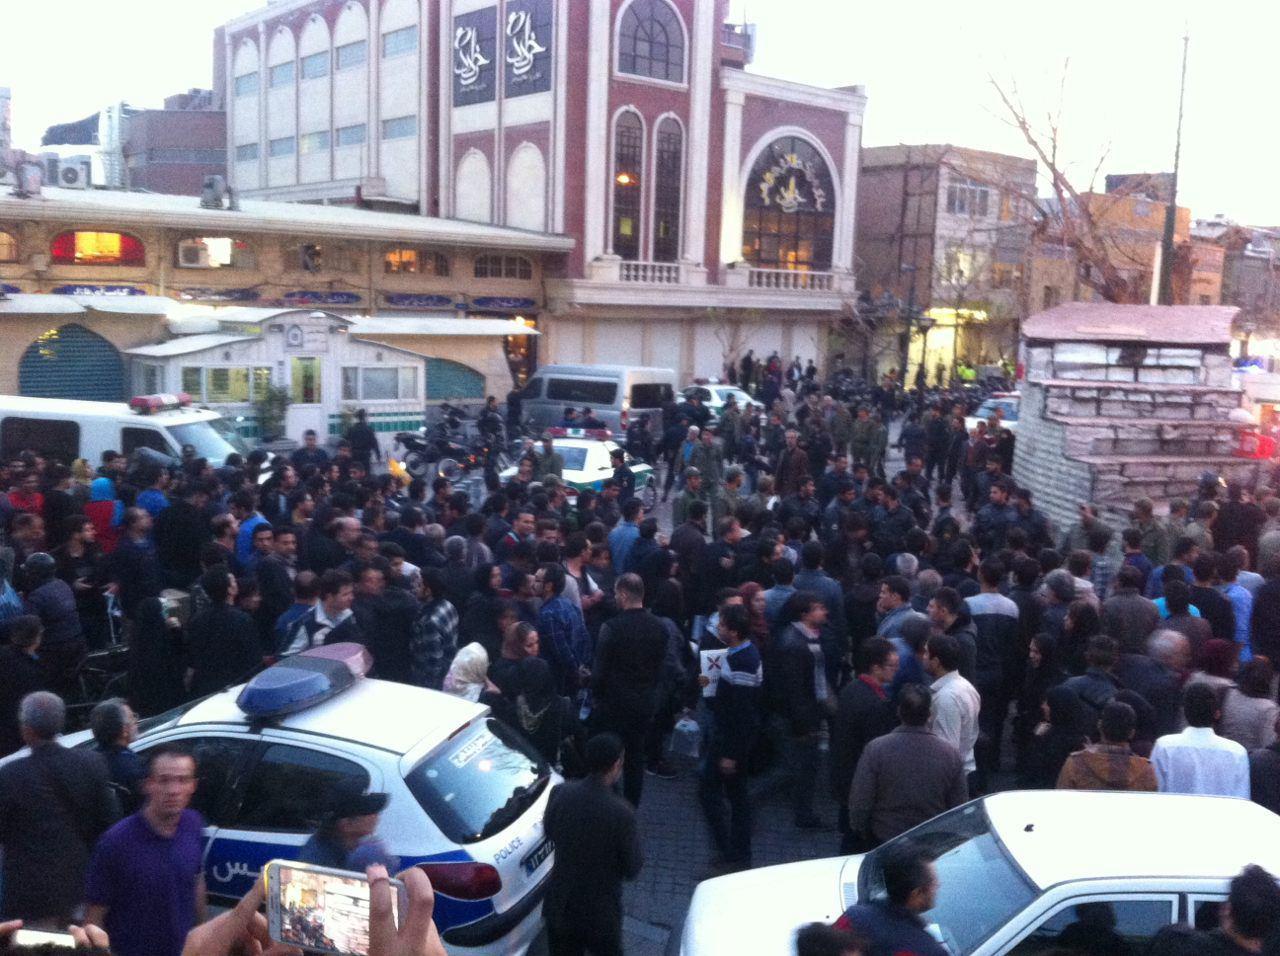 جزئیات انفجار در پاساژ قیصریه بازار تهران